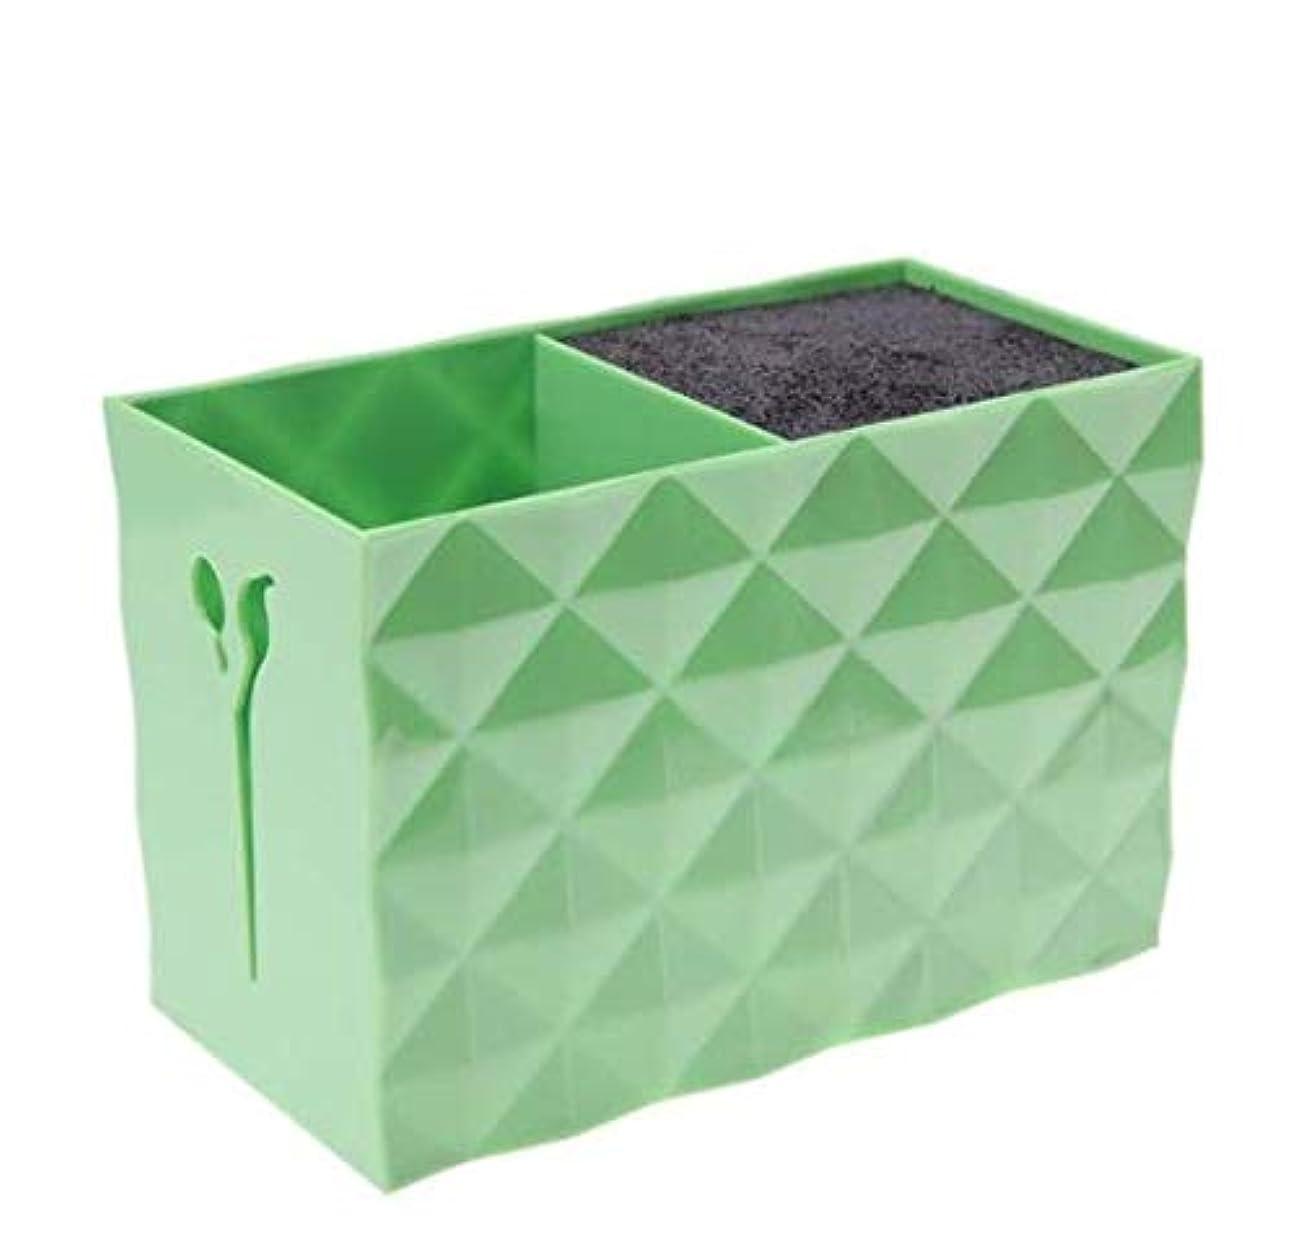 応答準備した野なLivemarket プロのアクセサリー非スリップソケット髪シザー櫛ポットスタンドケーススタイリングサロンヘアクリップ人気の収納ボックス (グリーン)